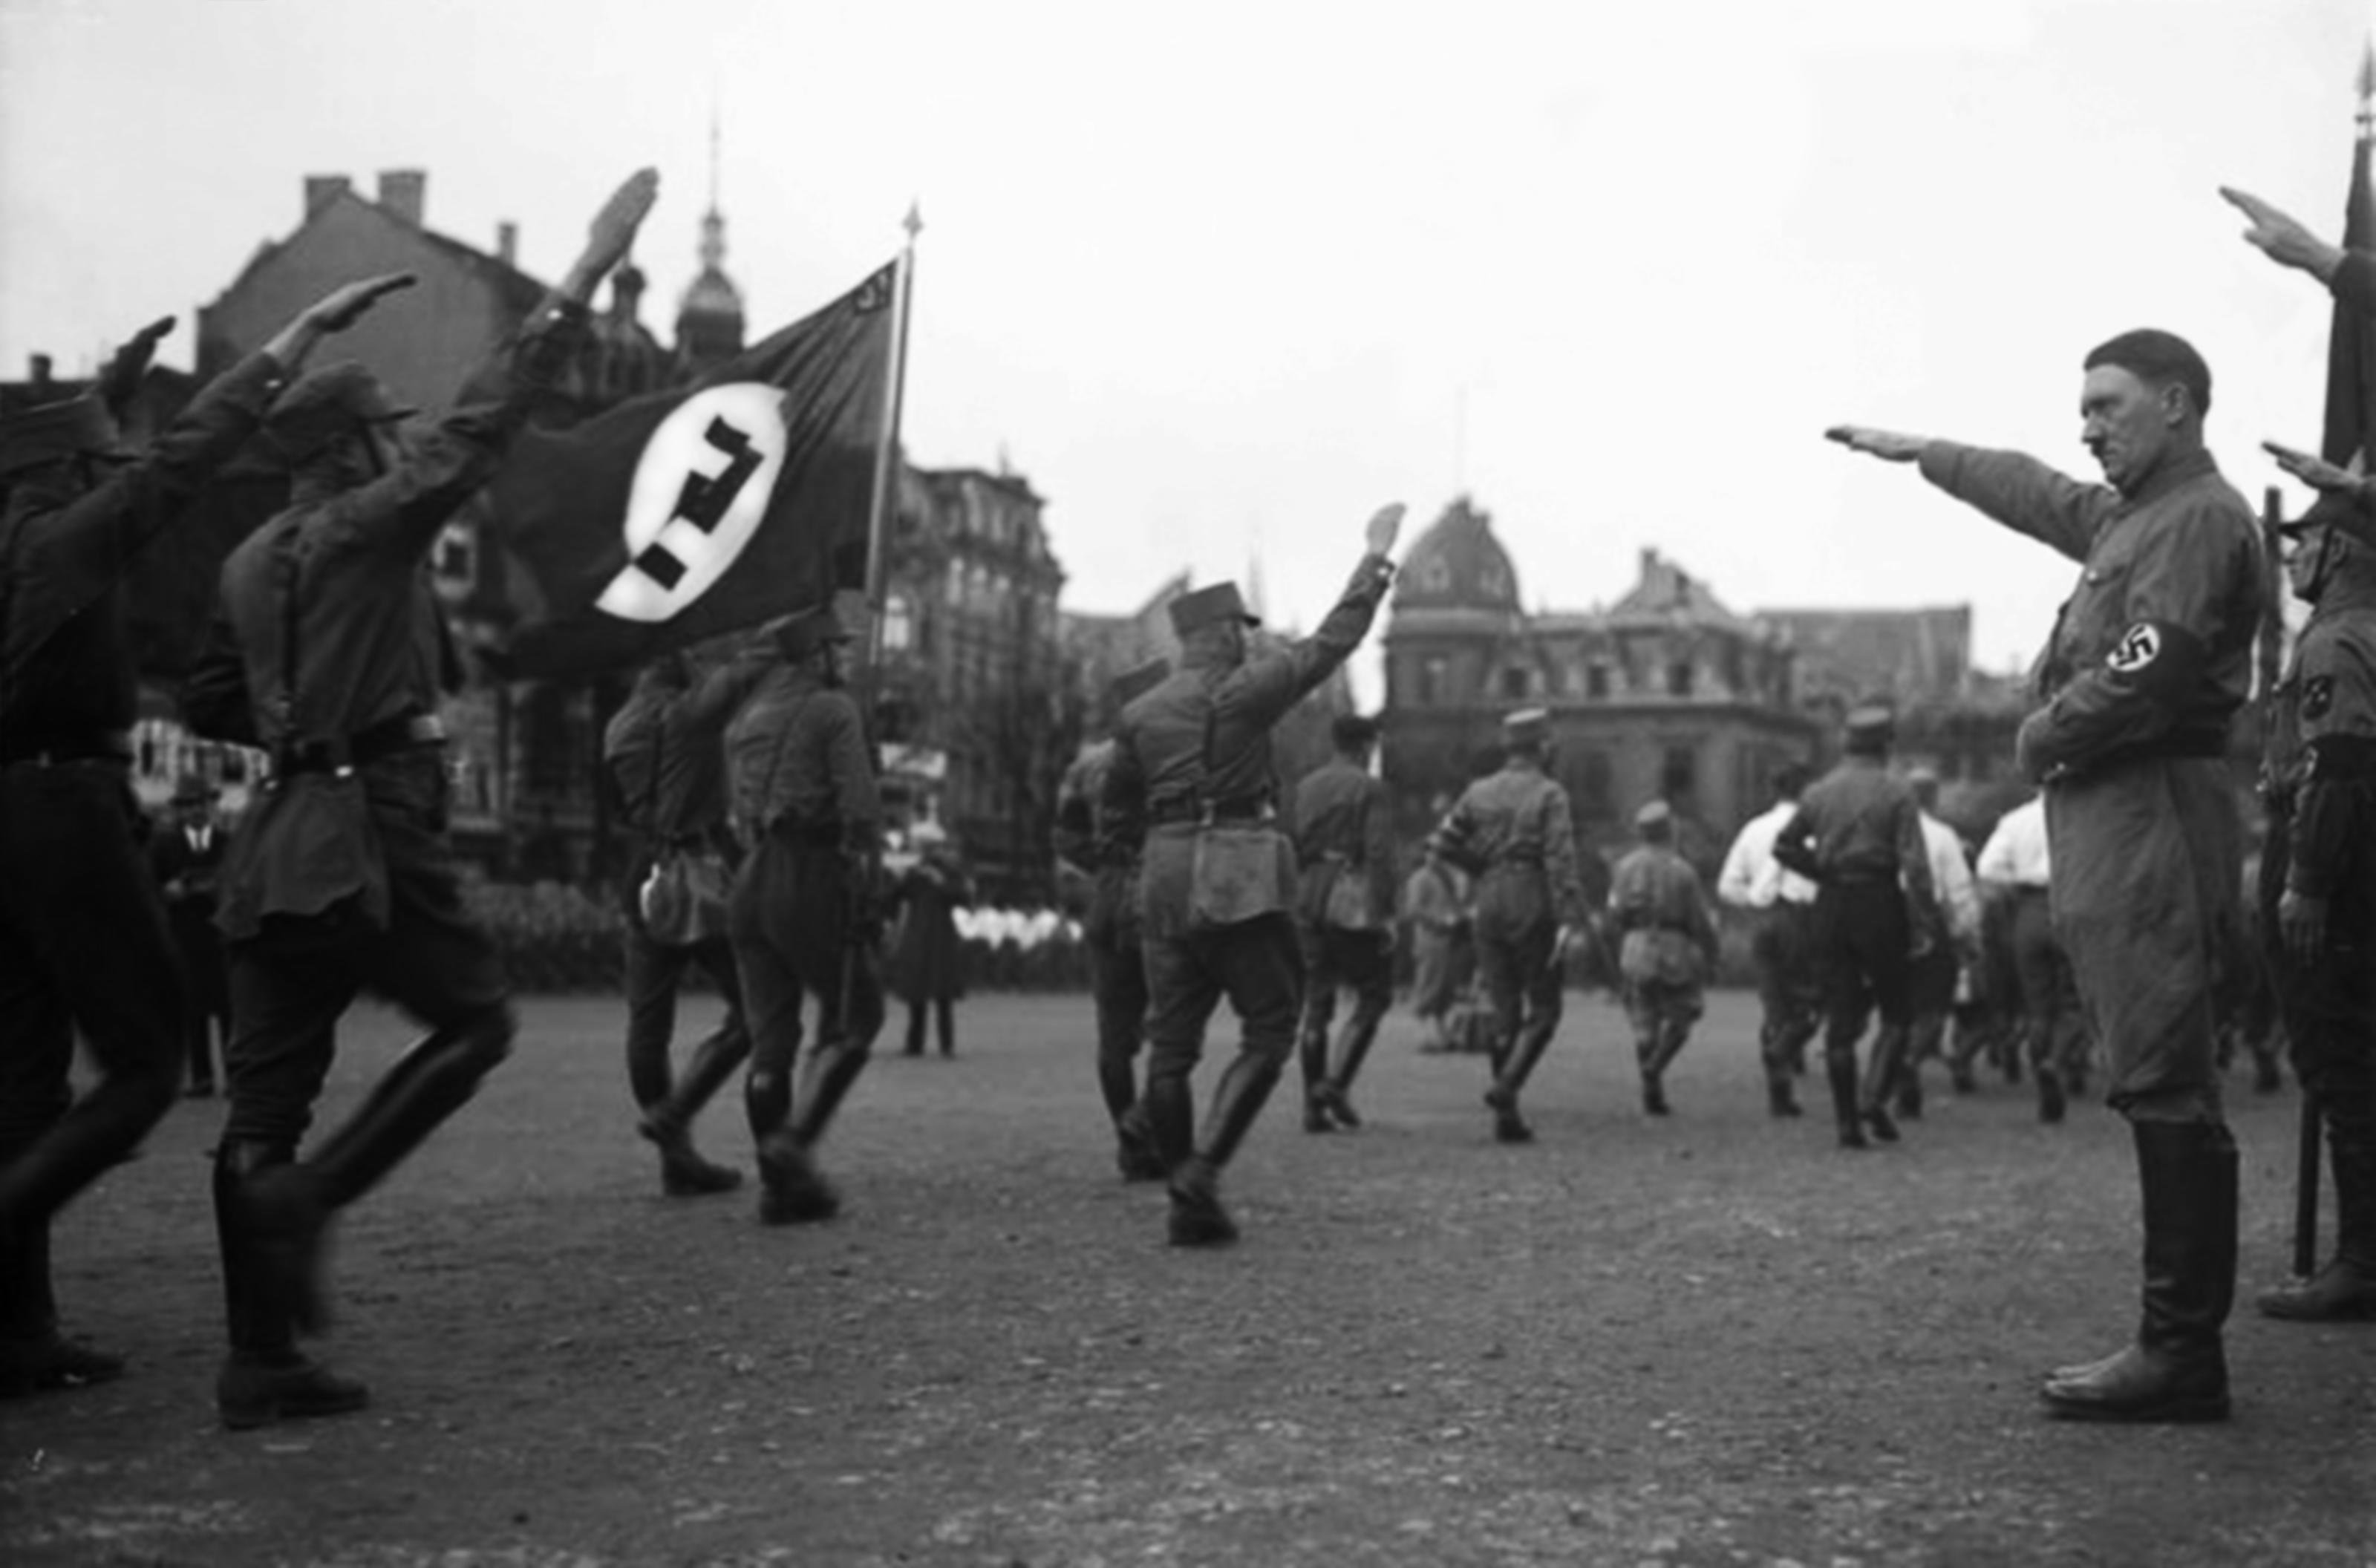 File:Hitler saluting the SA.png - Wikimedia Commons